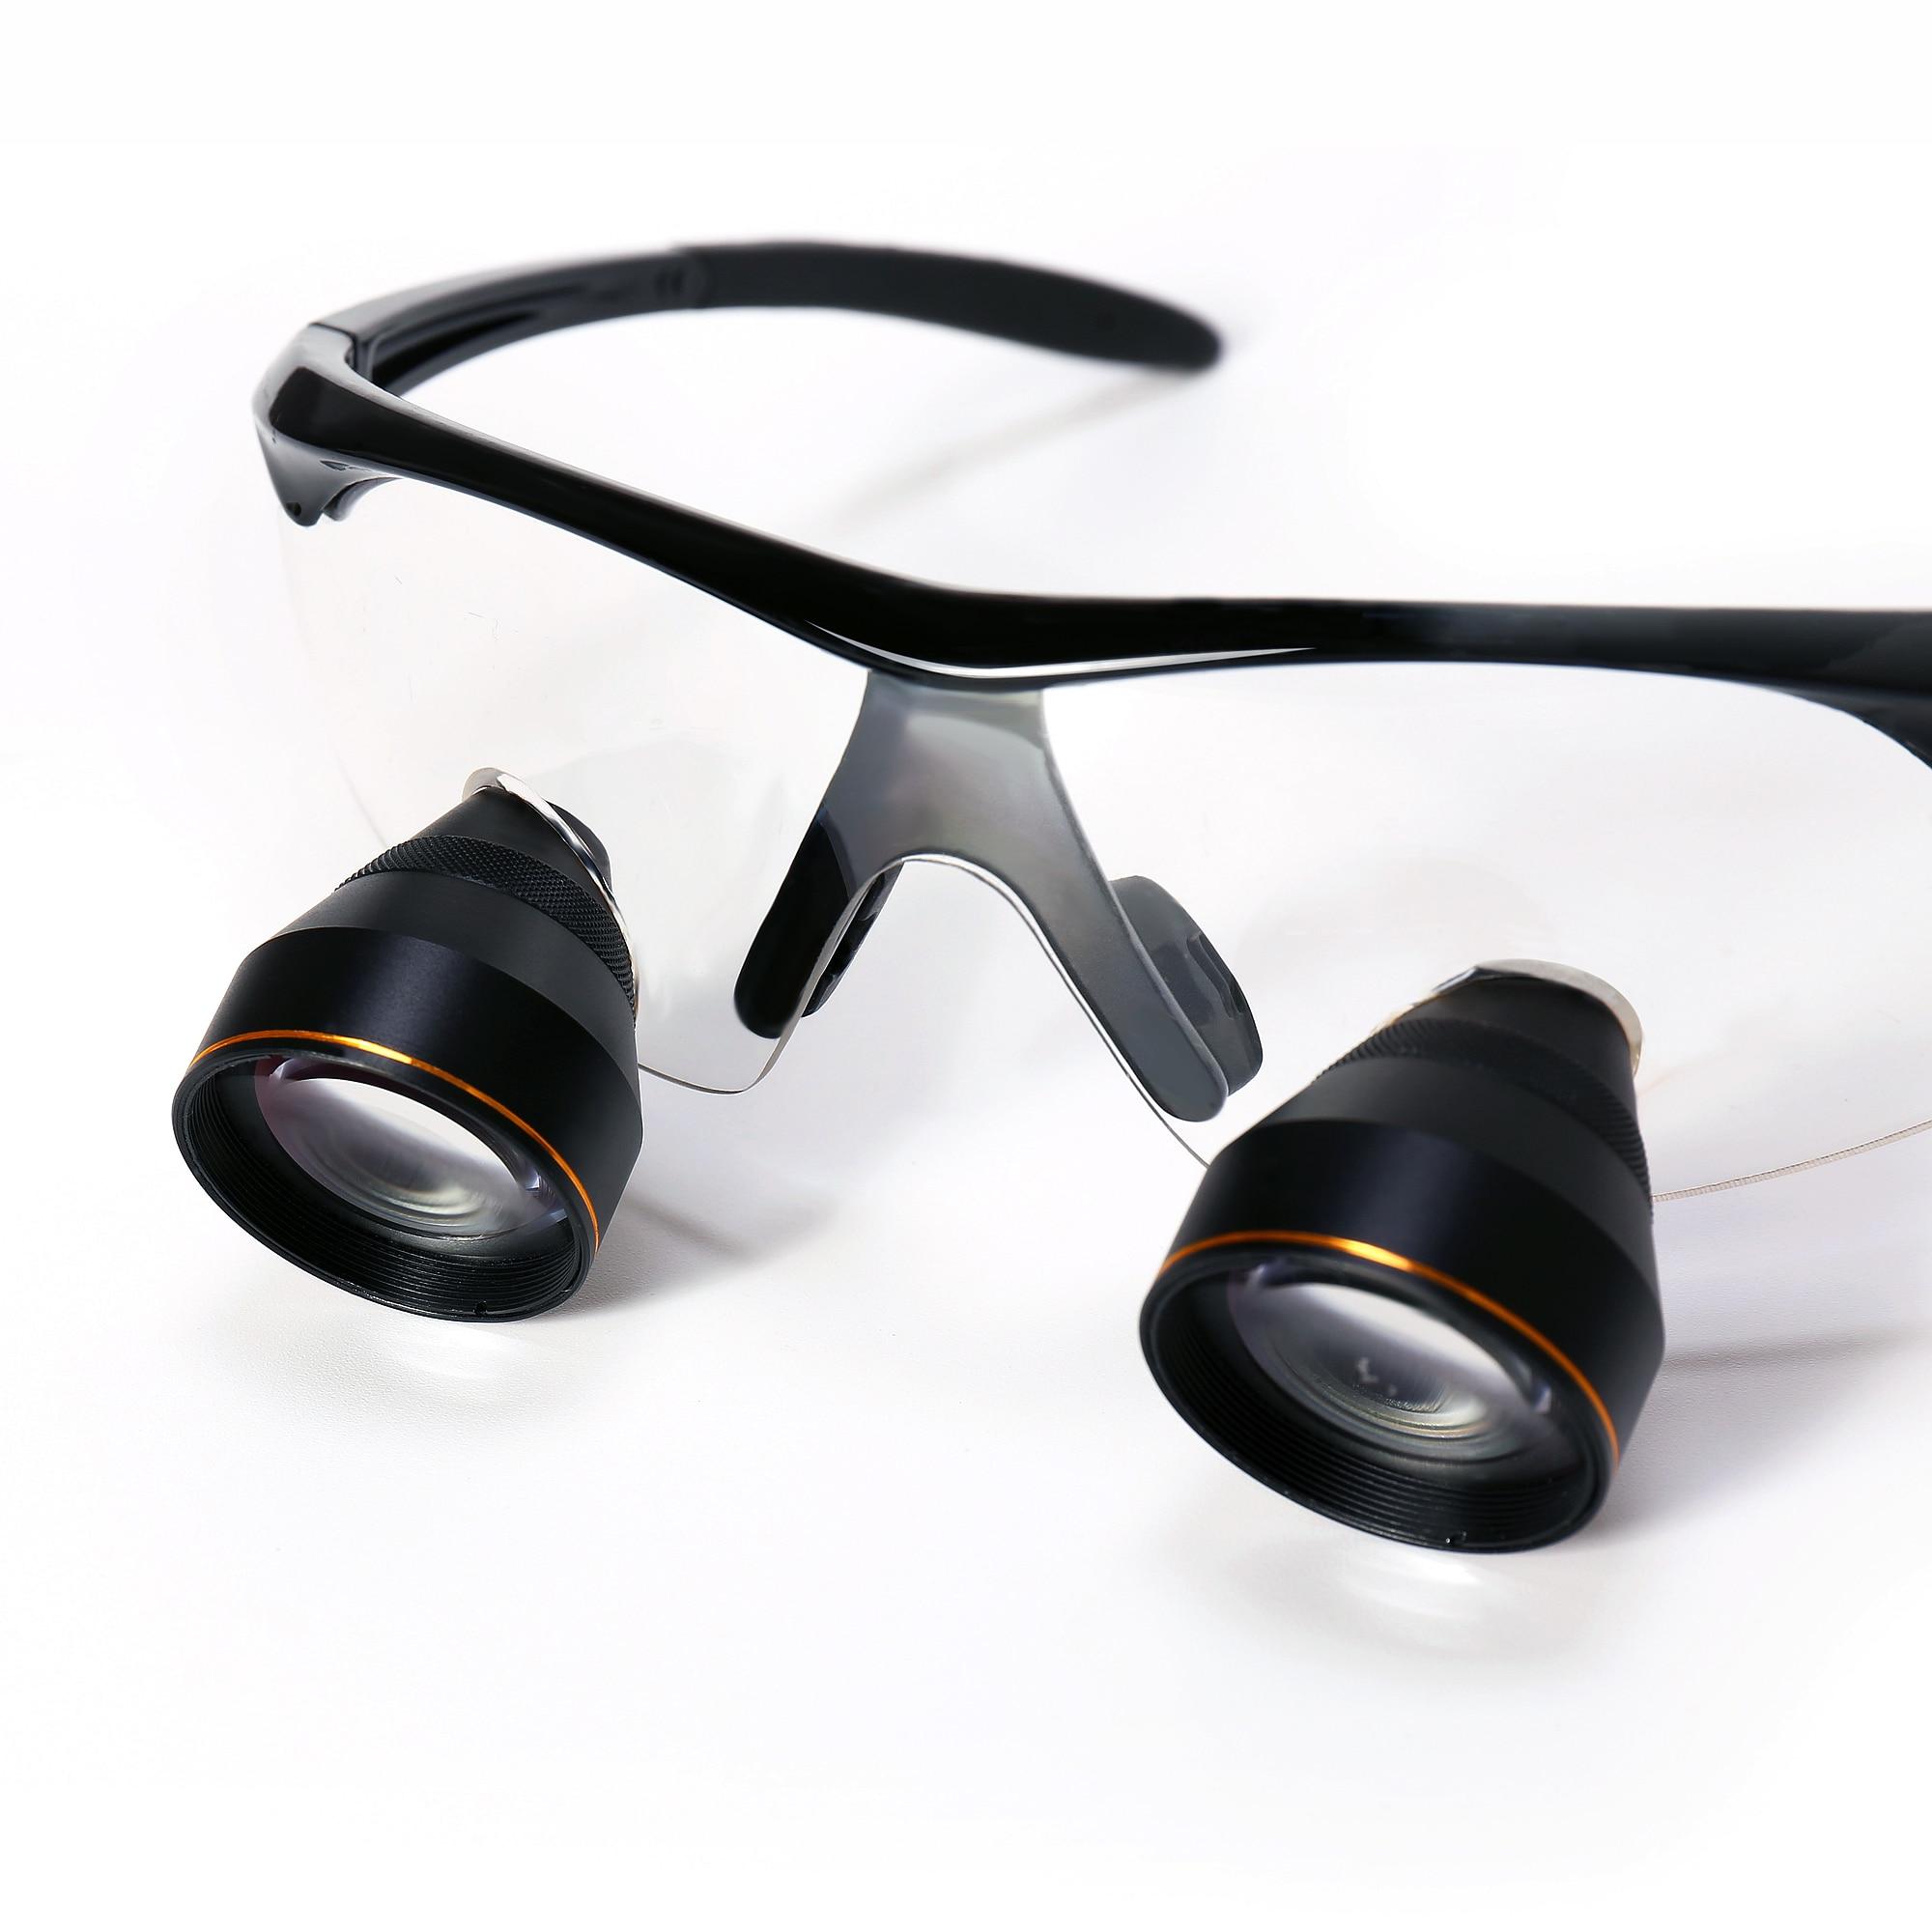 Большой FOV 2.5X бинокулярный глаз Стекло стоматологическая лупа хирургии медицинское увеличительное стекло стоматолога лупа 30 50 см большое р... - 3